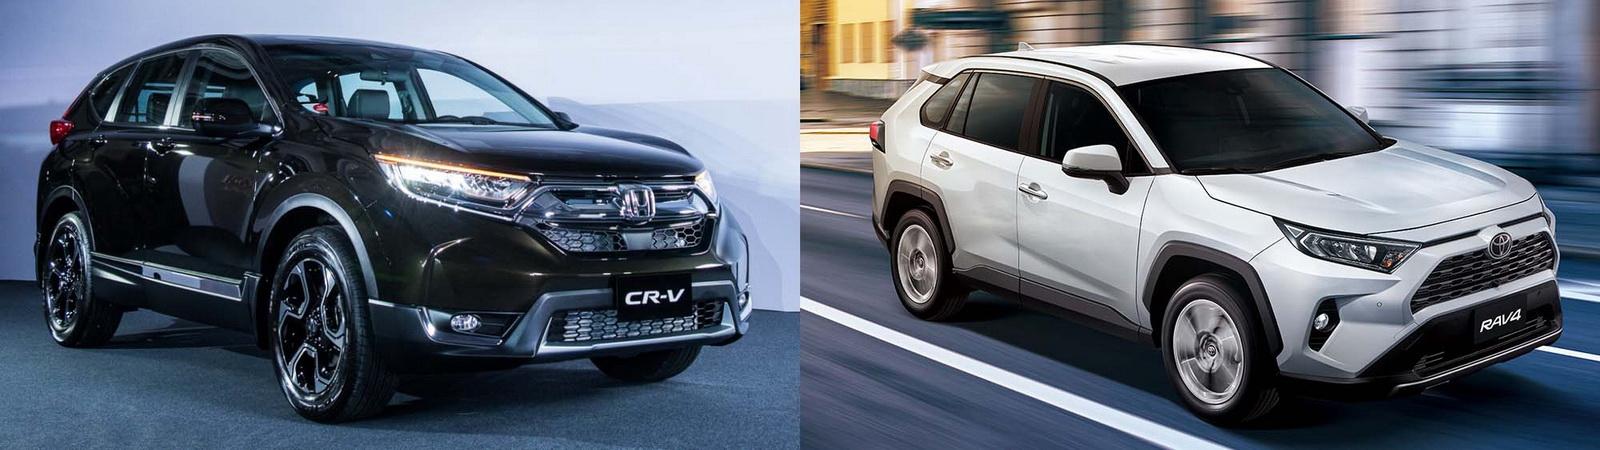 圖/2019 Honda CR-V 1.5 VTi-S與2019 Toyota RAV4 2.0旗艦休旅終極之戰。